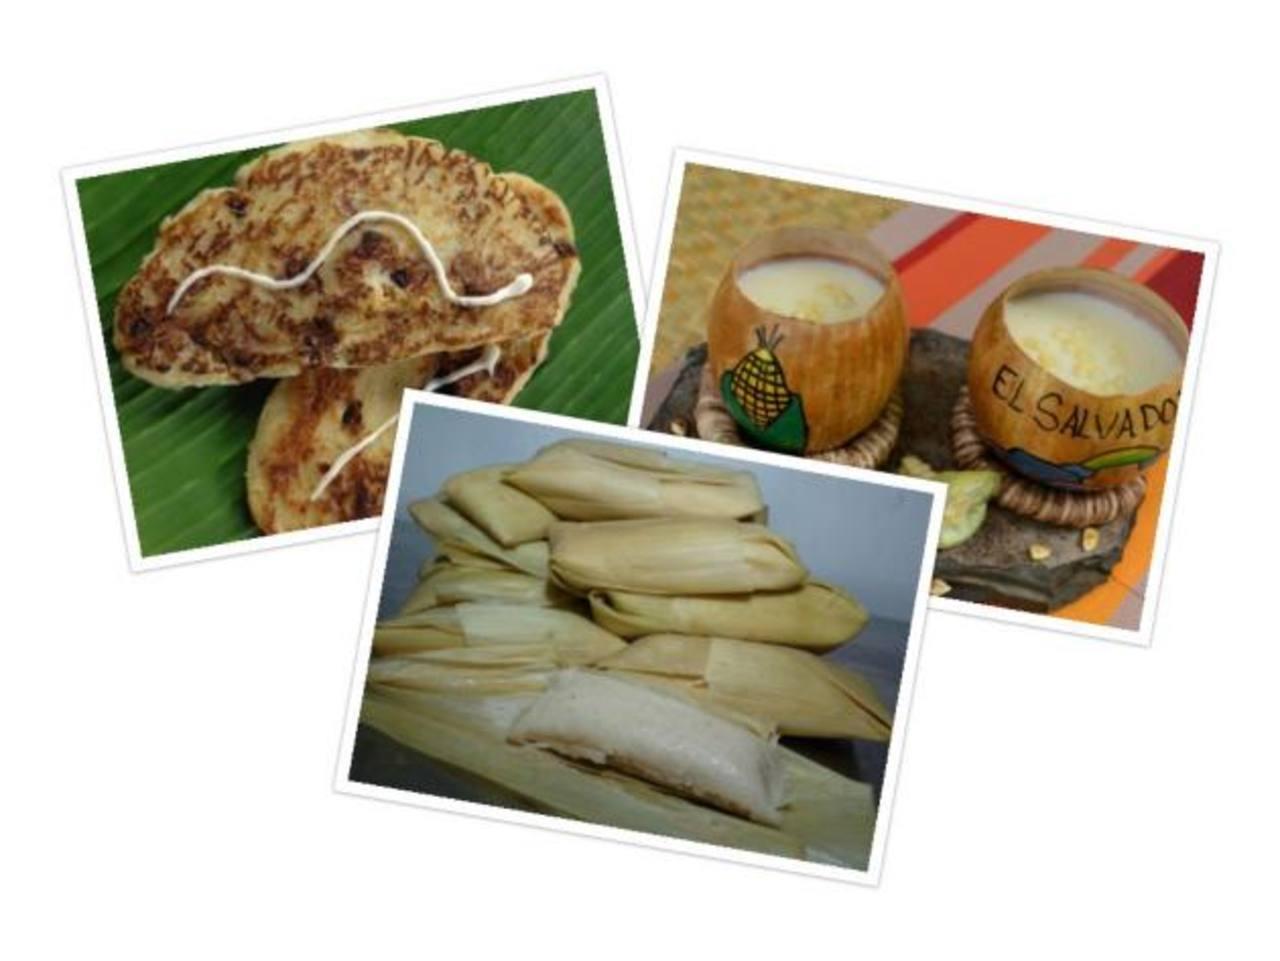 6 antojitos salvadoreños hechos a base de maíz